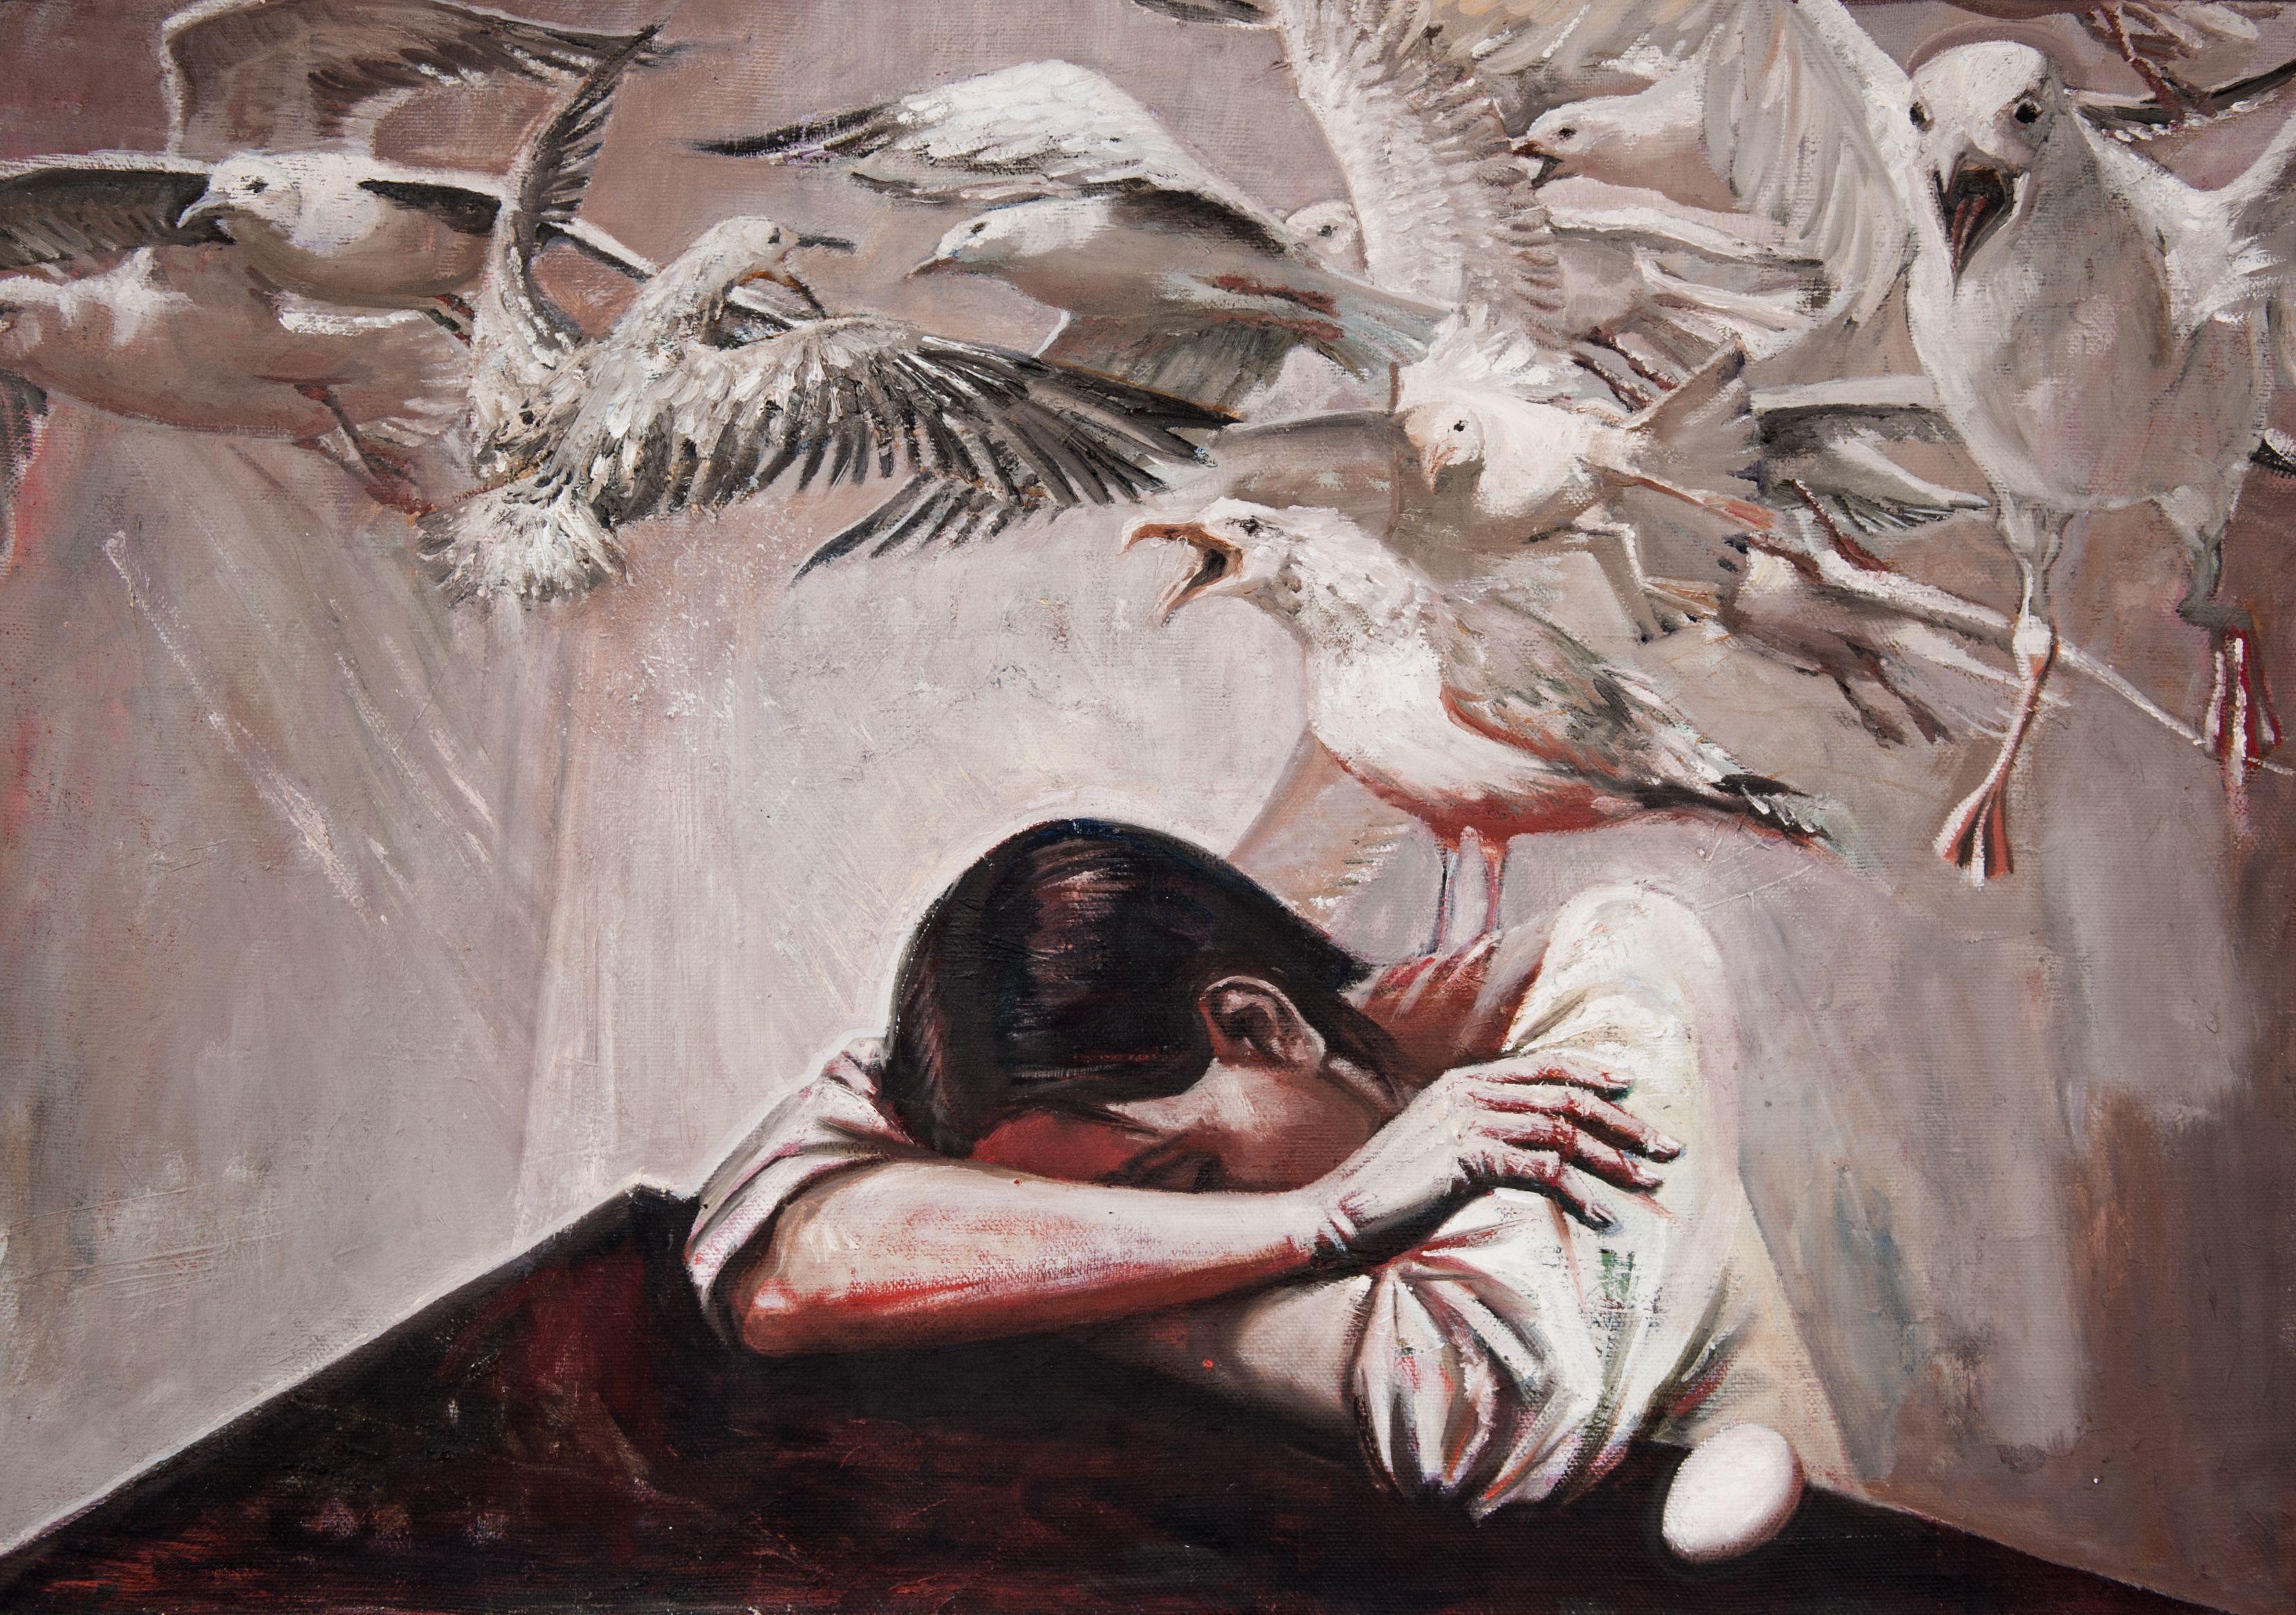 поныне отчаяние в картинах художников инстаграм маллинз призналась